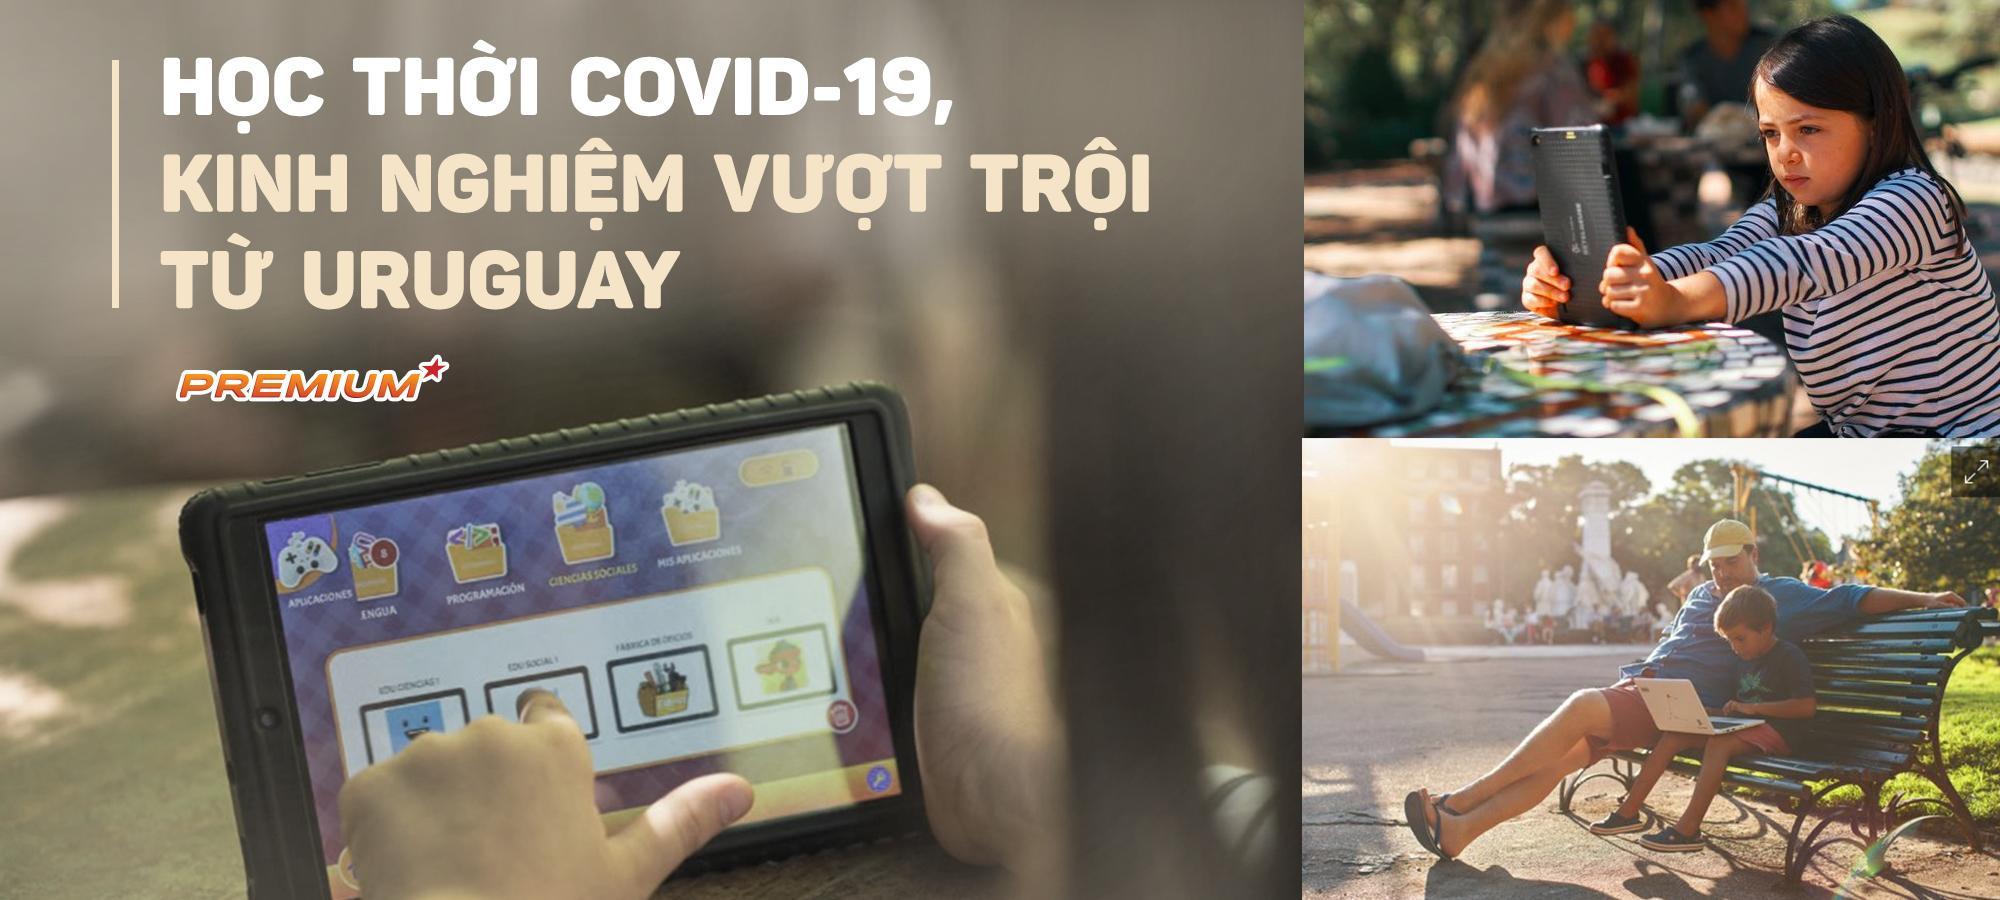 Học thời Covid-19, kinh nghiệm vượt trội từ Uruguay